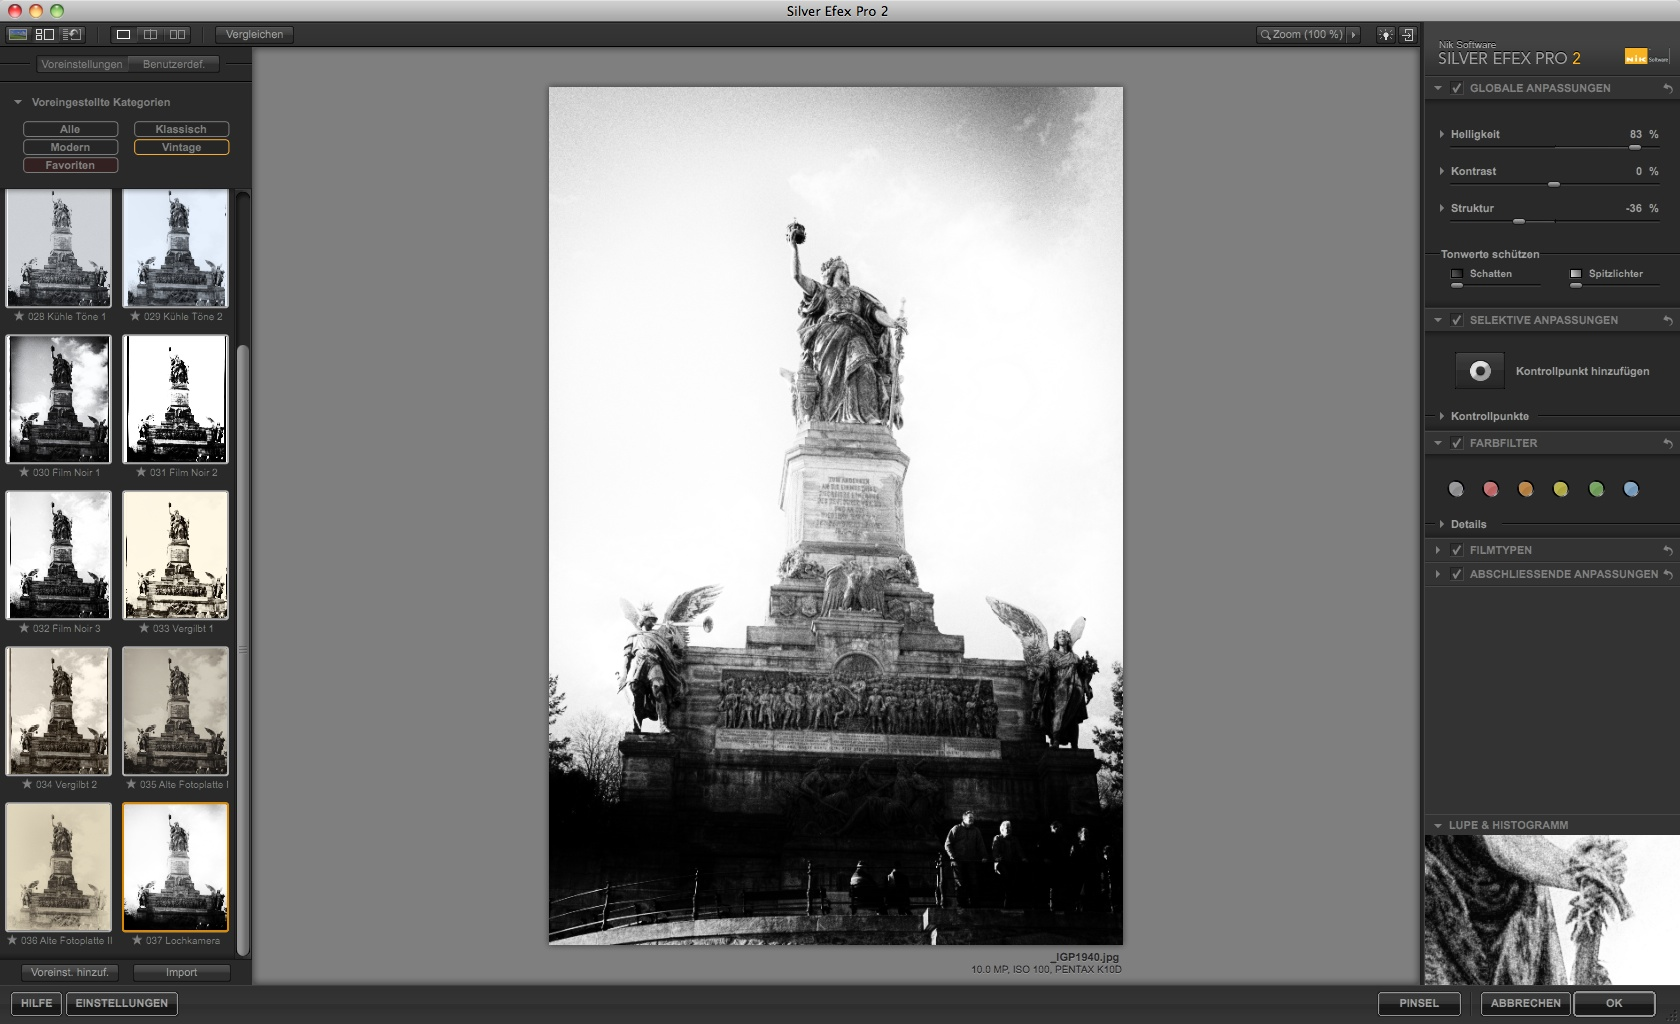 Nik Software: Bildbearbeitung für Schwarz-Weiß-Fotos - Silver Efex Pro 2 - Effekt Lochkamera (Foto: Andreas Donath)